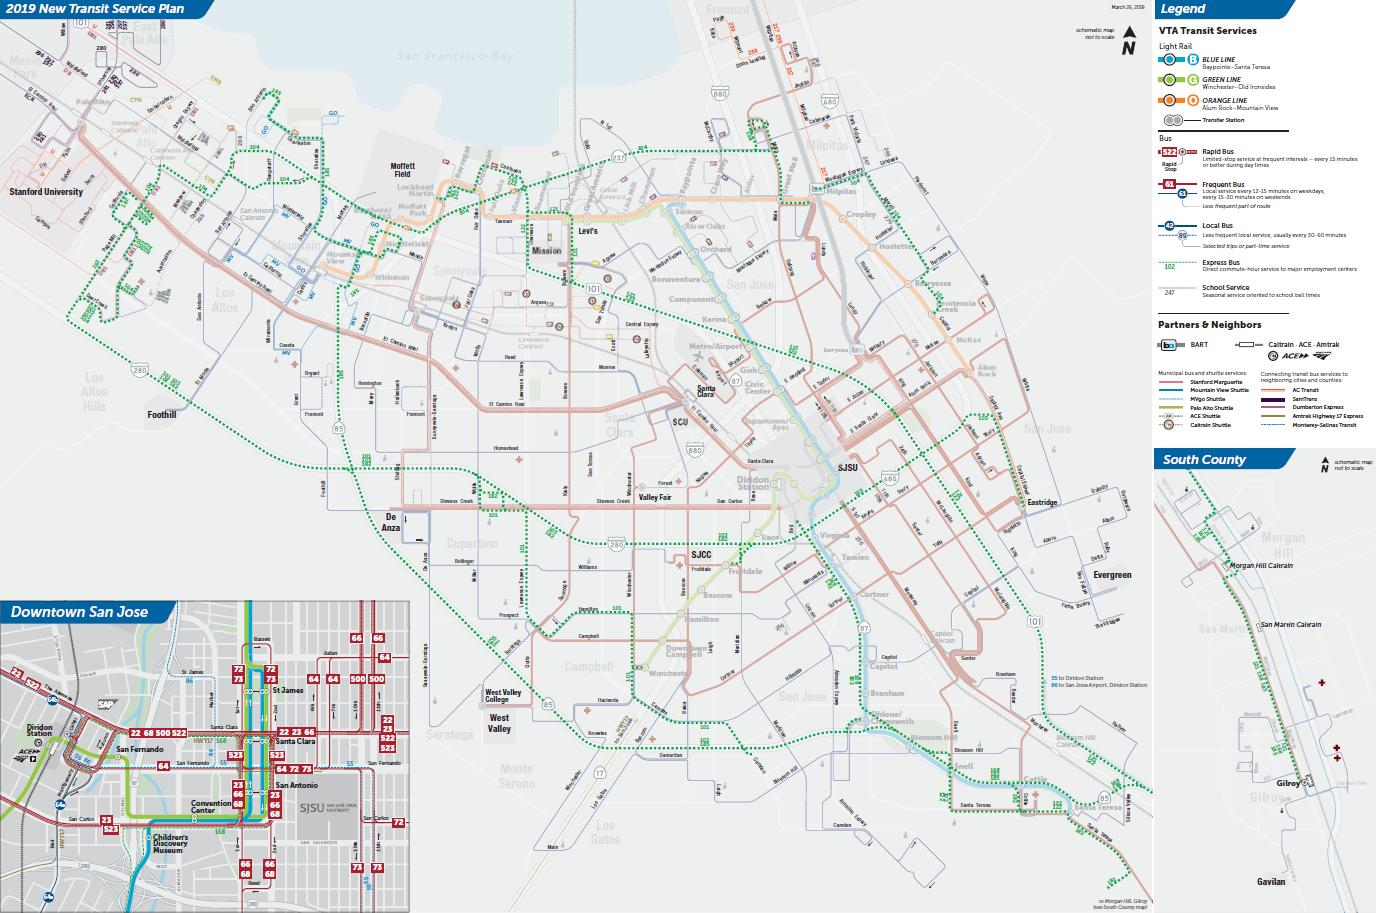 2019년 새로운 최종 교통 서비스 계획 급행 노선 지도  (PDF)